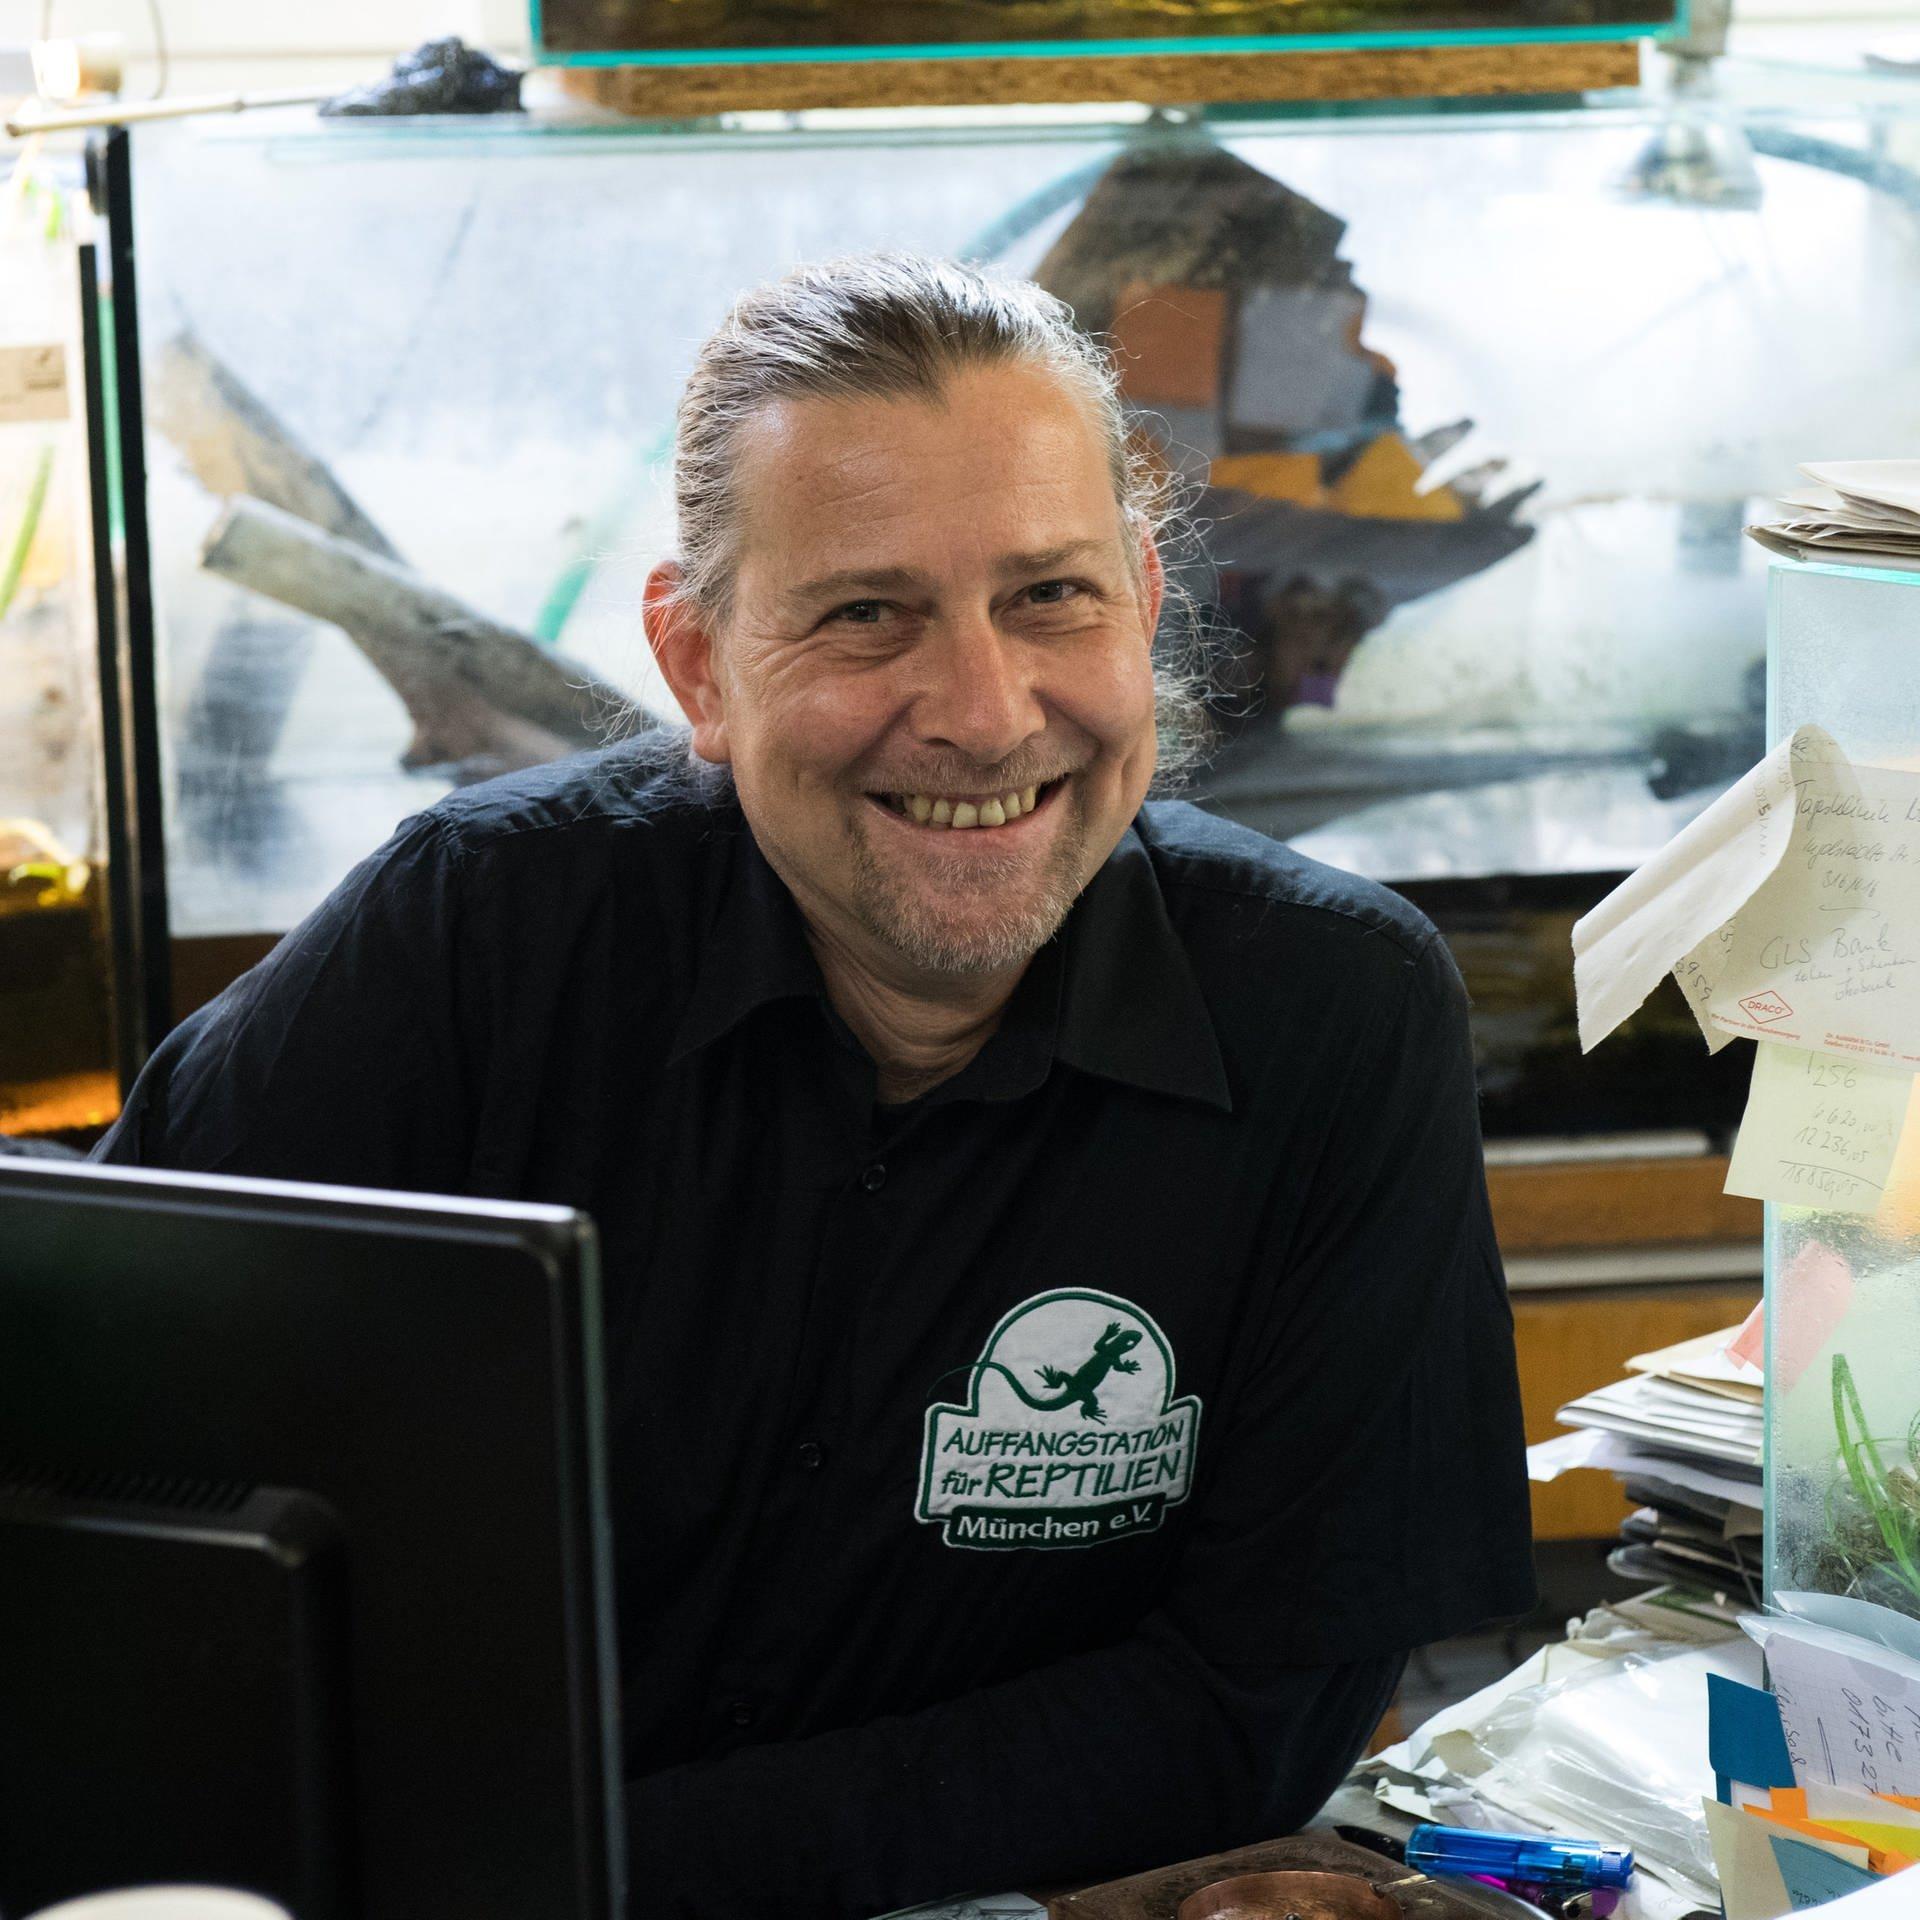 Markus Baur   Tierarzt und Schlangen/Krokodilexperte   Leitet die Auffangstation für Reptilien in München